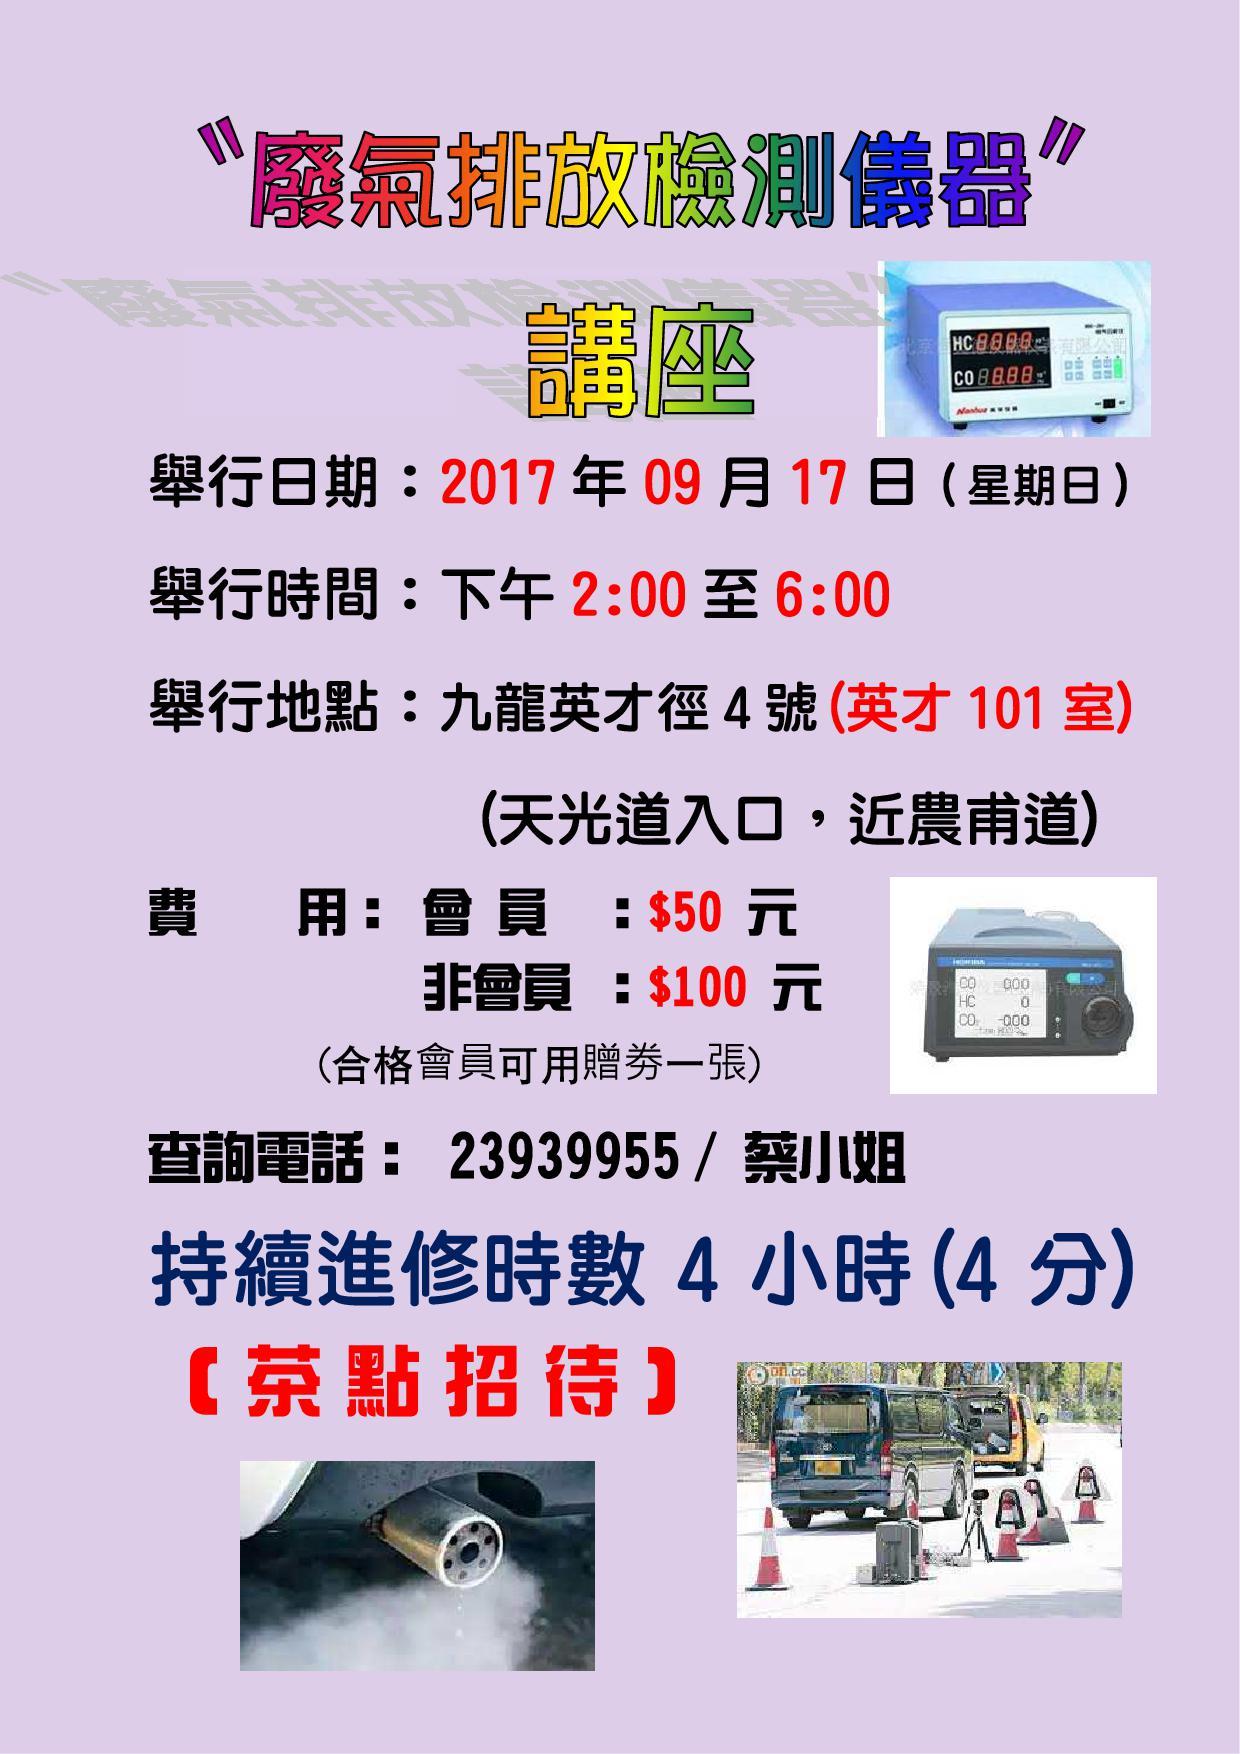 2017年09月17日-廢氣排放儀器講座